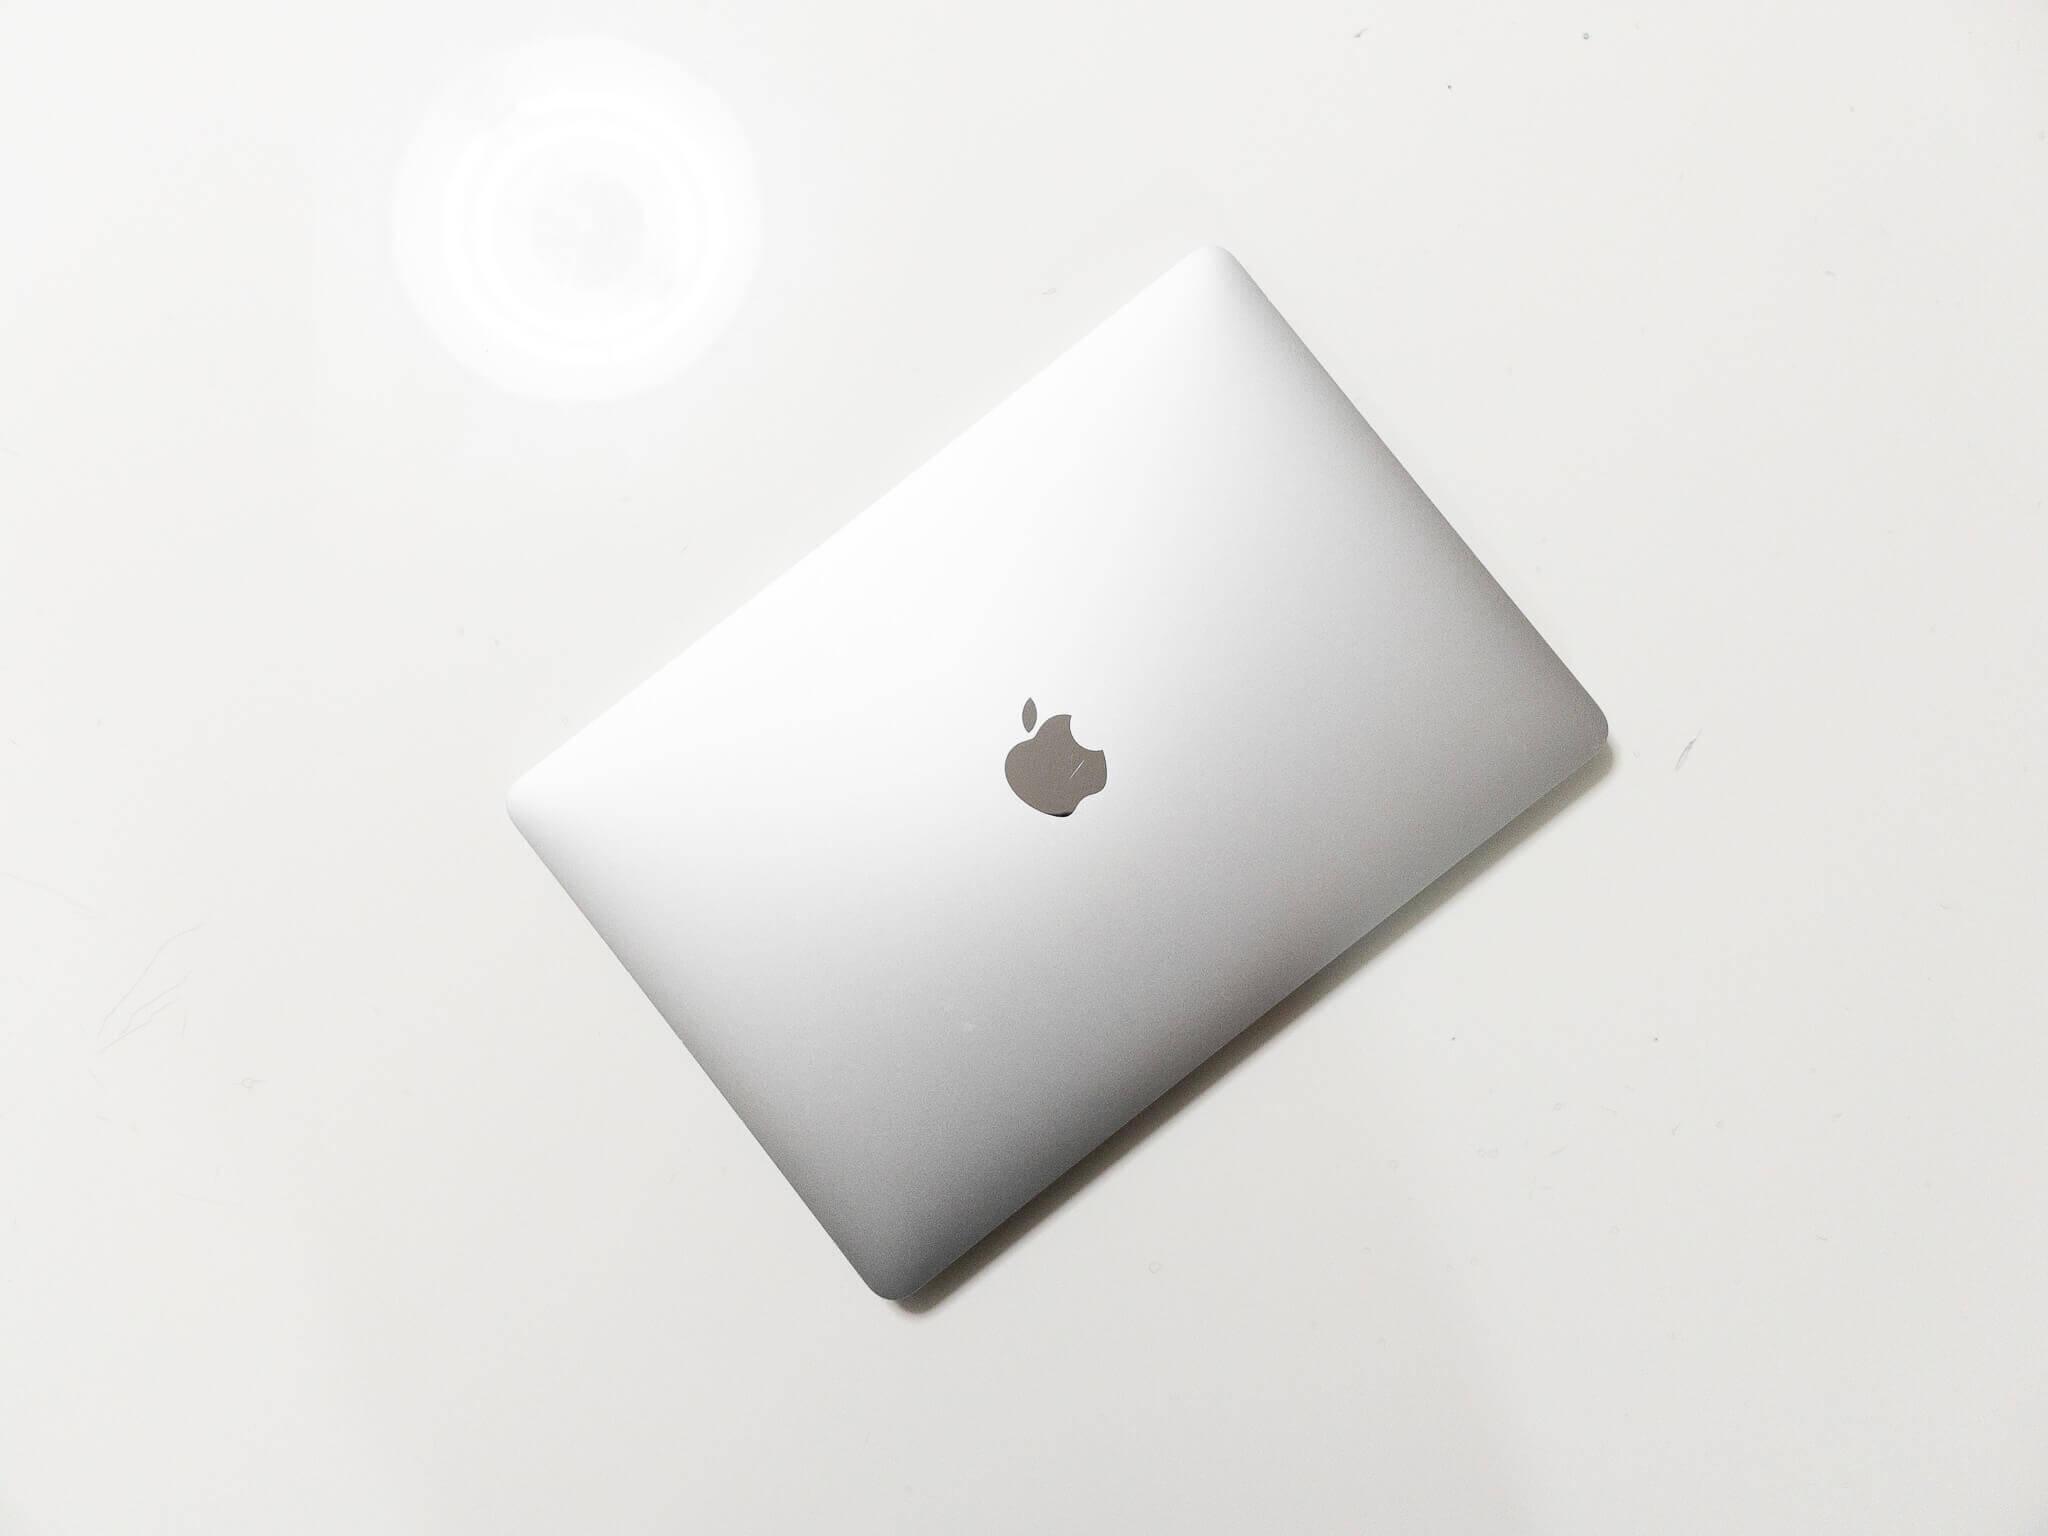 210217 m1 macbook air 2